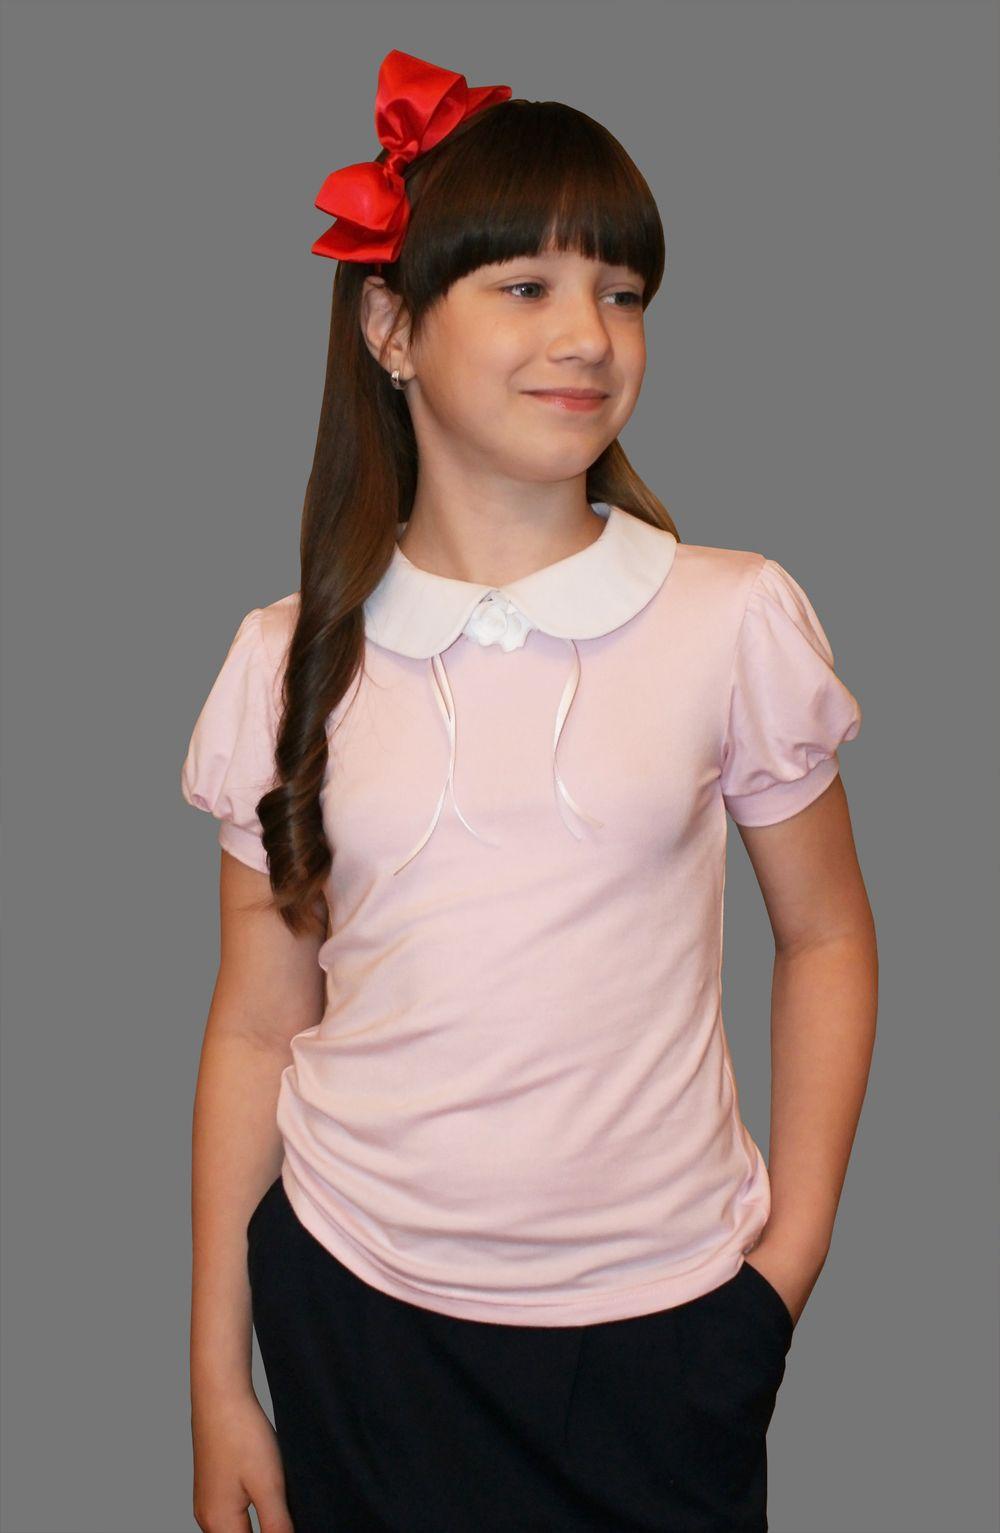 Сбор заказов. М@ттiель-28. Коллекция нарядных блузок для школы по новым вкусным ценам. Распродажа до -40%! Любые размеры от 98 до 158 роста, без рядов. Нужно брать! СТОП 28.08. в 22-00ч.!